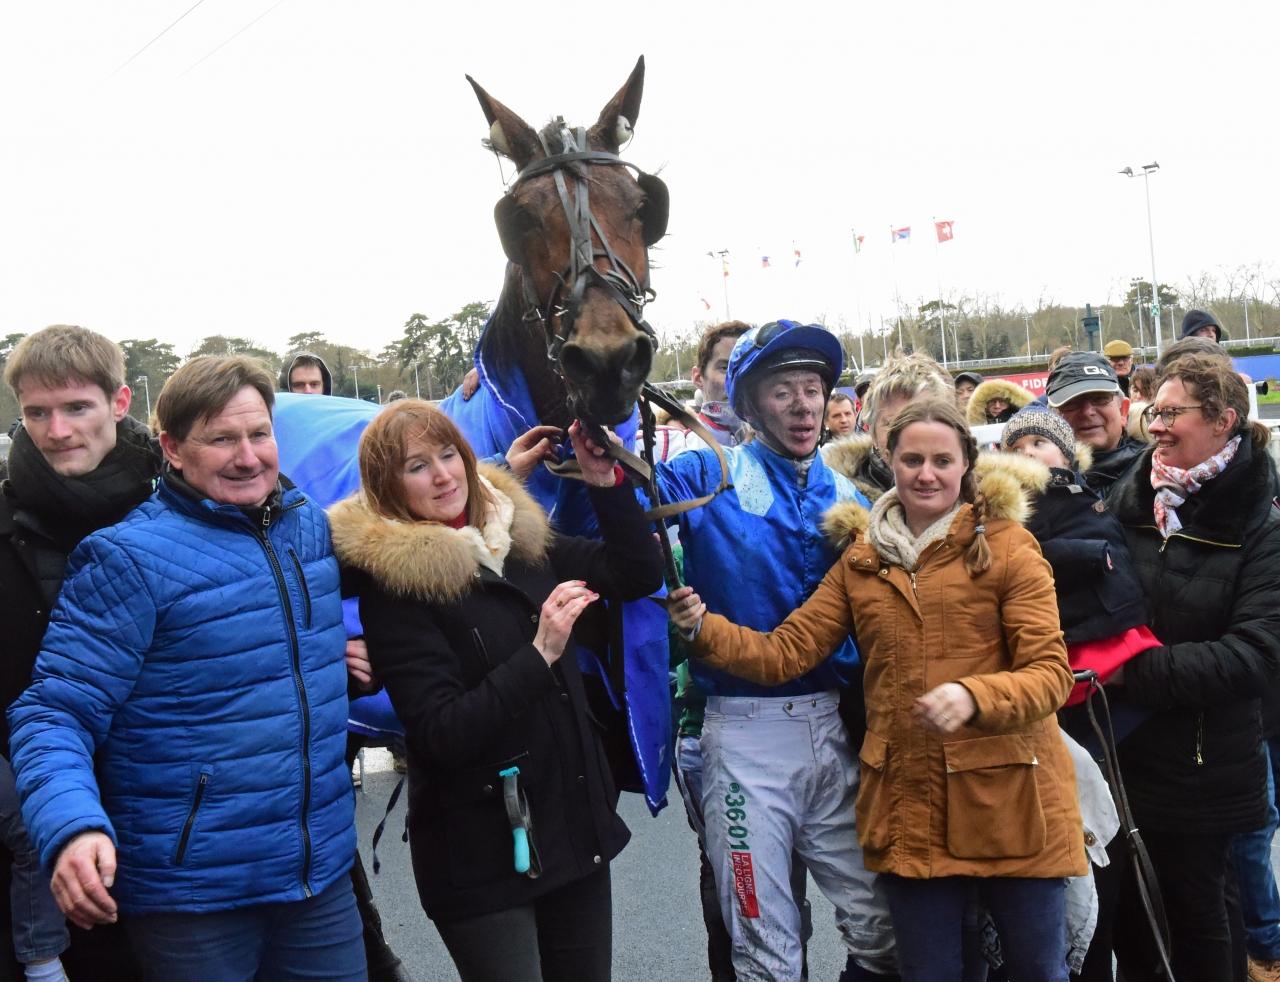 Evangelina Blue vann Prix des Centaures och här tillsammans med ryttaren Mathieu Mottier och tränaren Jean-Philippe Mary (t.v. i blå jacka). Foto: Gerard Forni